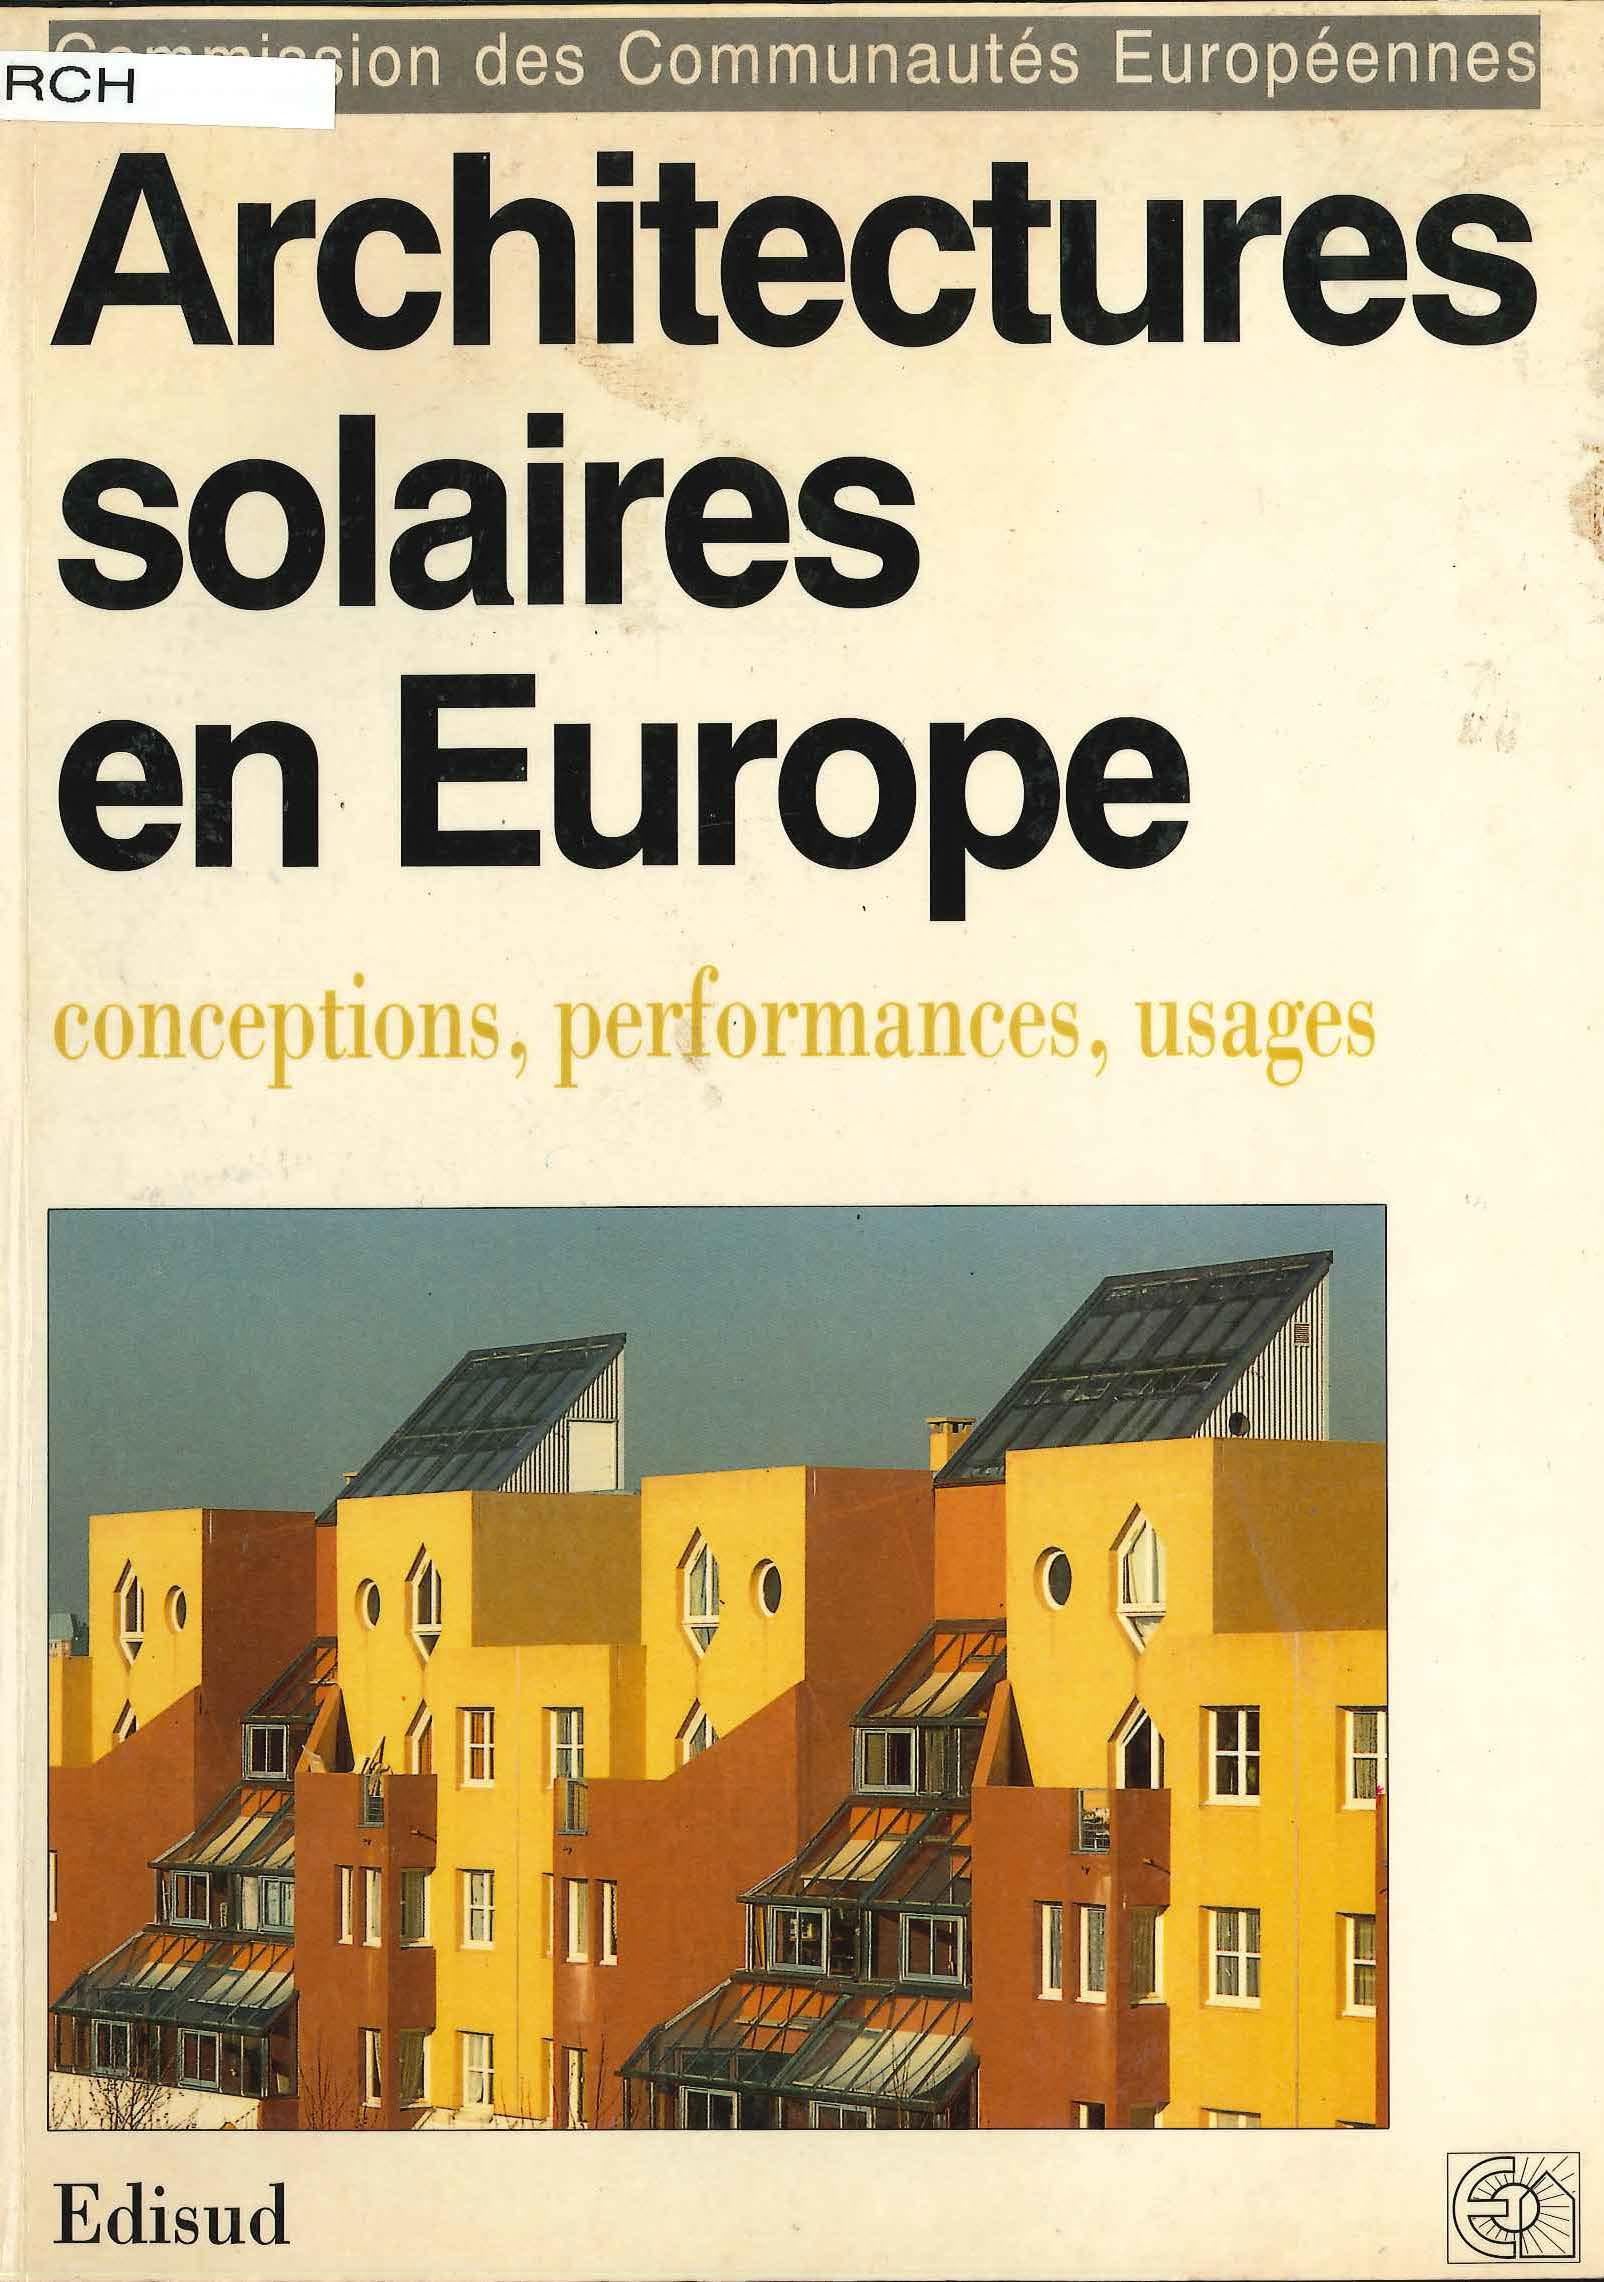 Architectures solaires en Europe